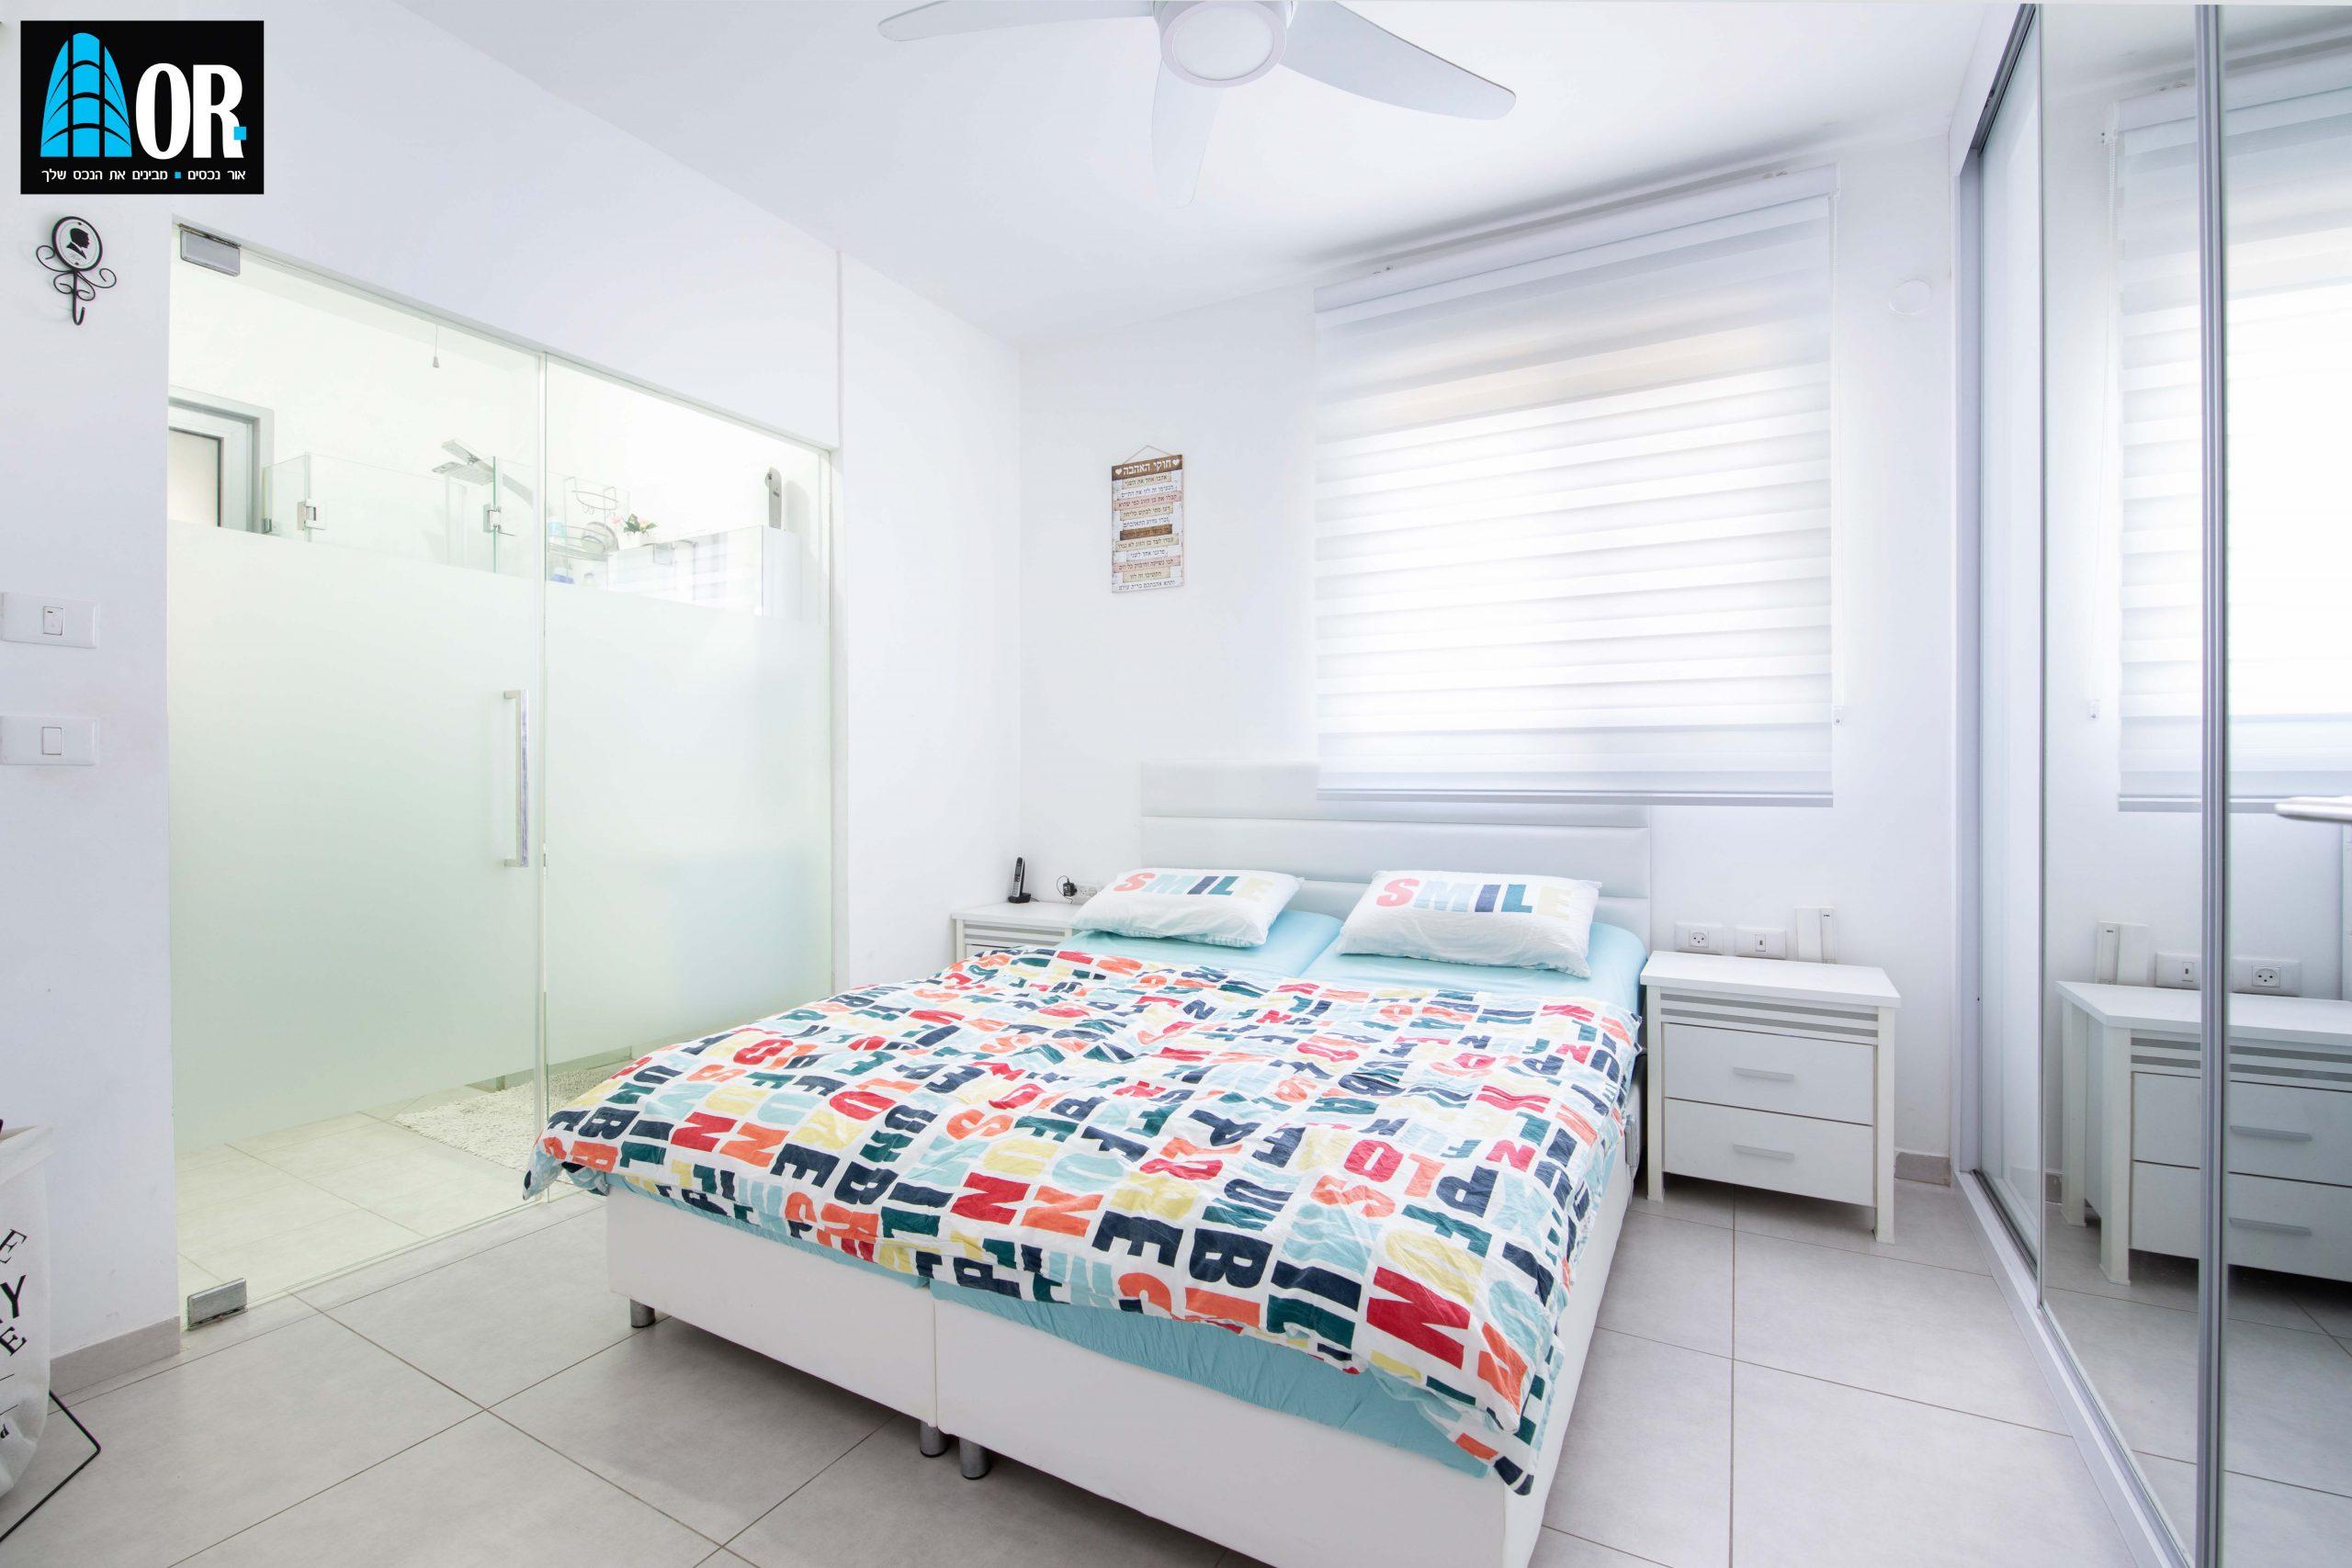 חדר שינה דירה 5 חדרים שכונה פארק המושבה